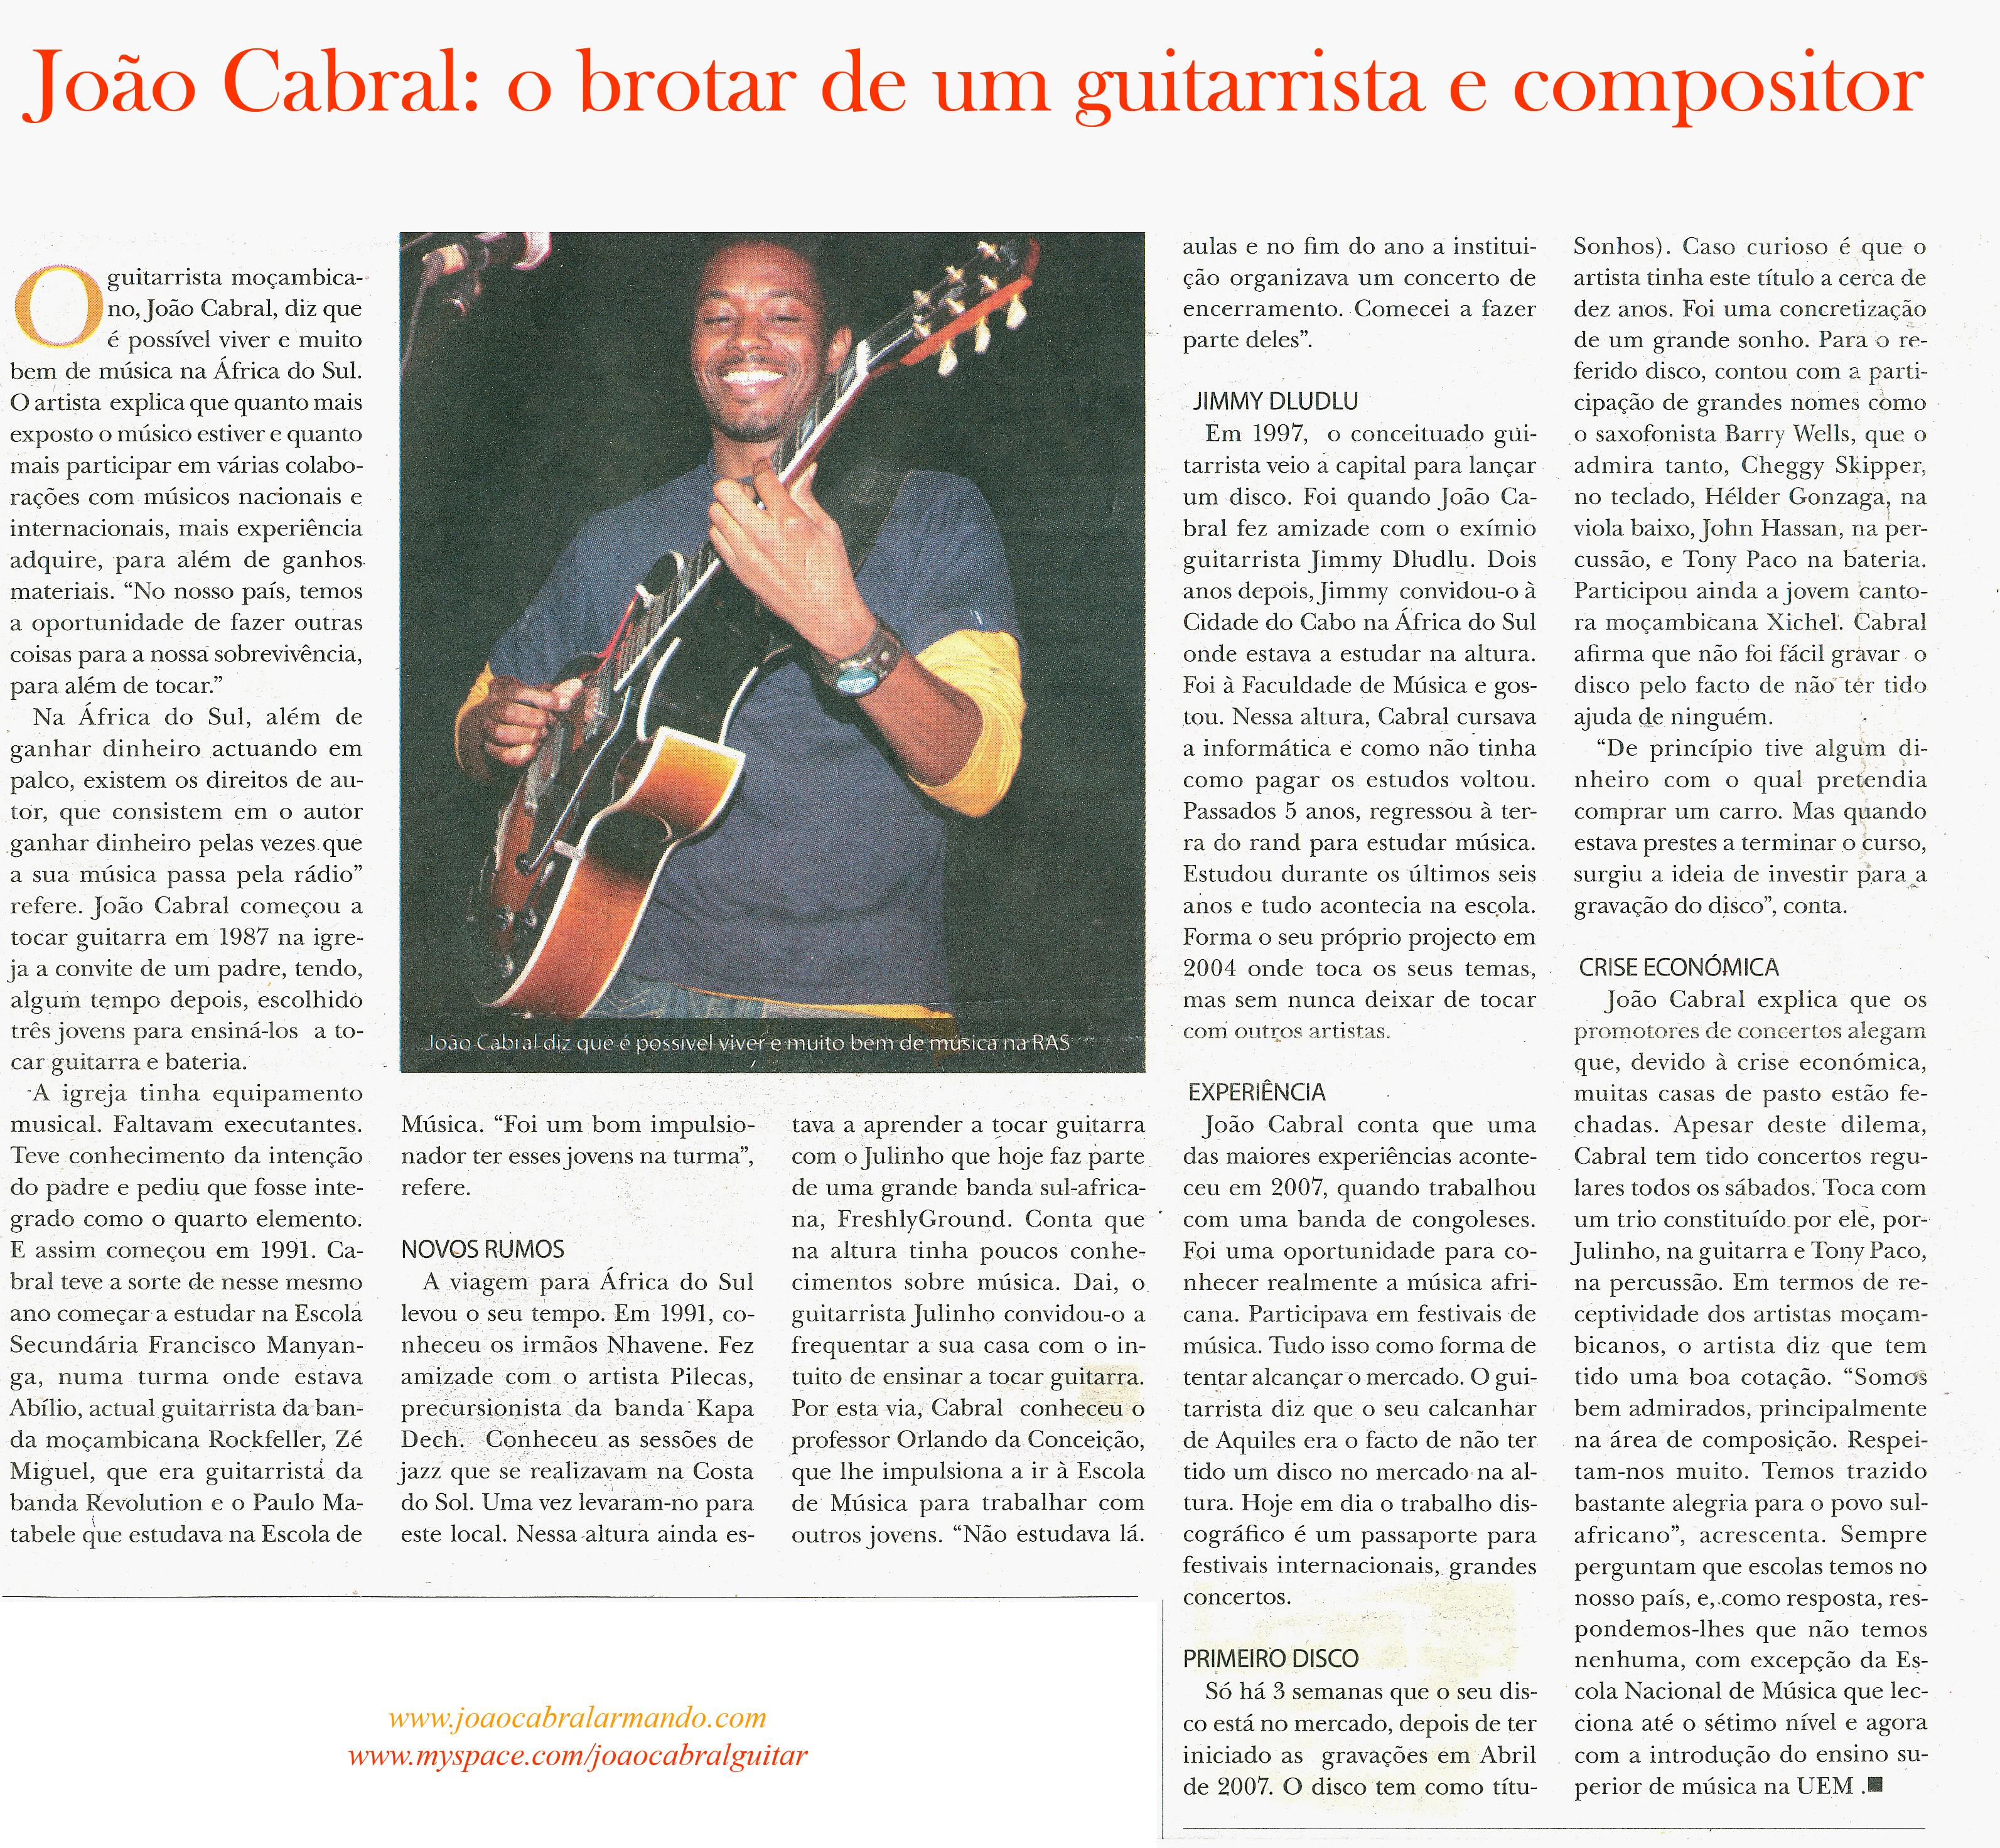 Joao Cabral (Artigo do Jornal O Pais)